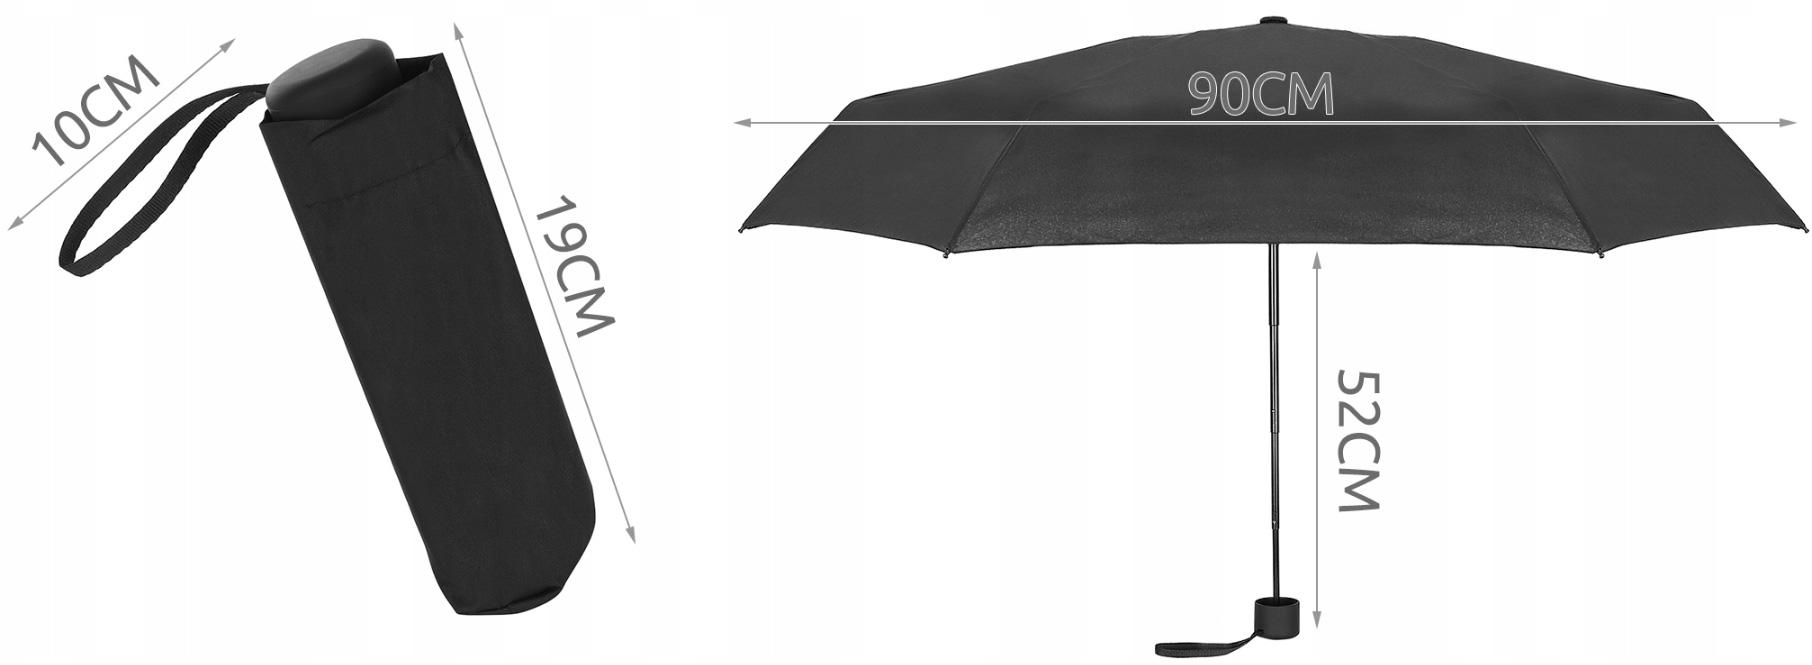 Parasol składany mała parasolka włókno mały 18cm z pokrowcem porządny do plecaka